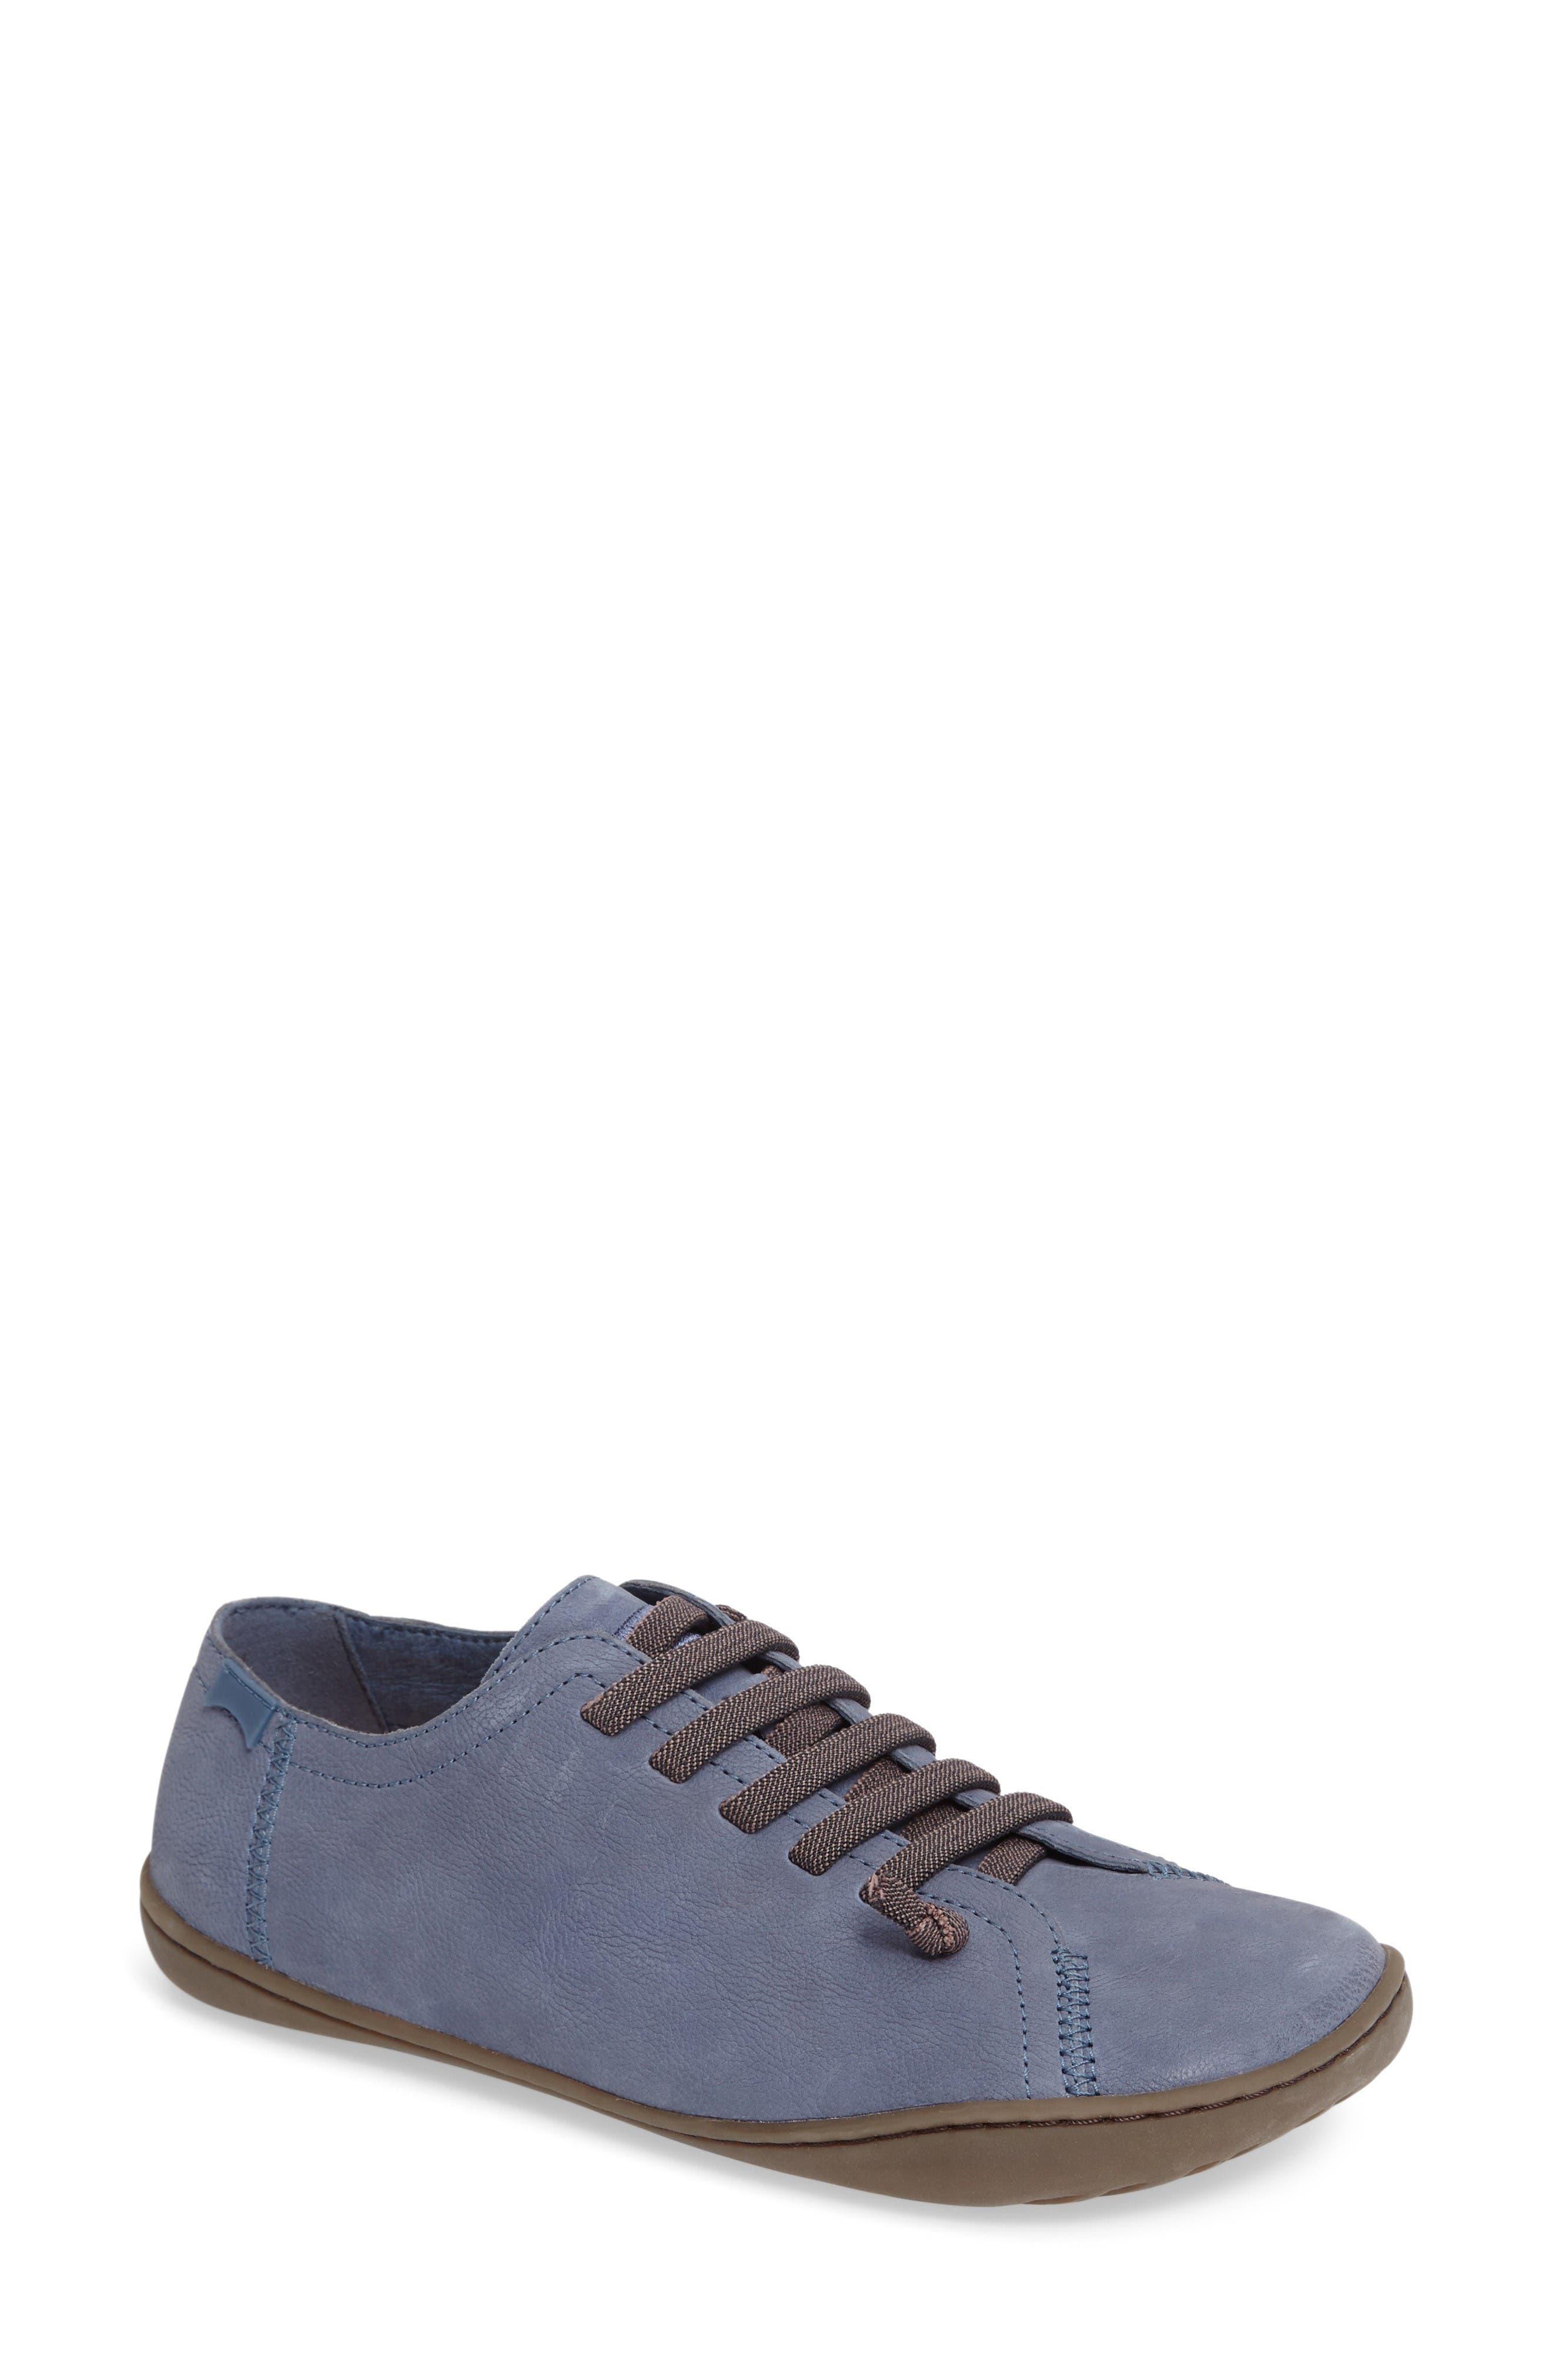 Main Image - Camper 'Peu Cami' Leather Sneaker (Women)